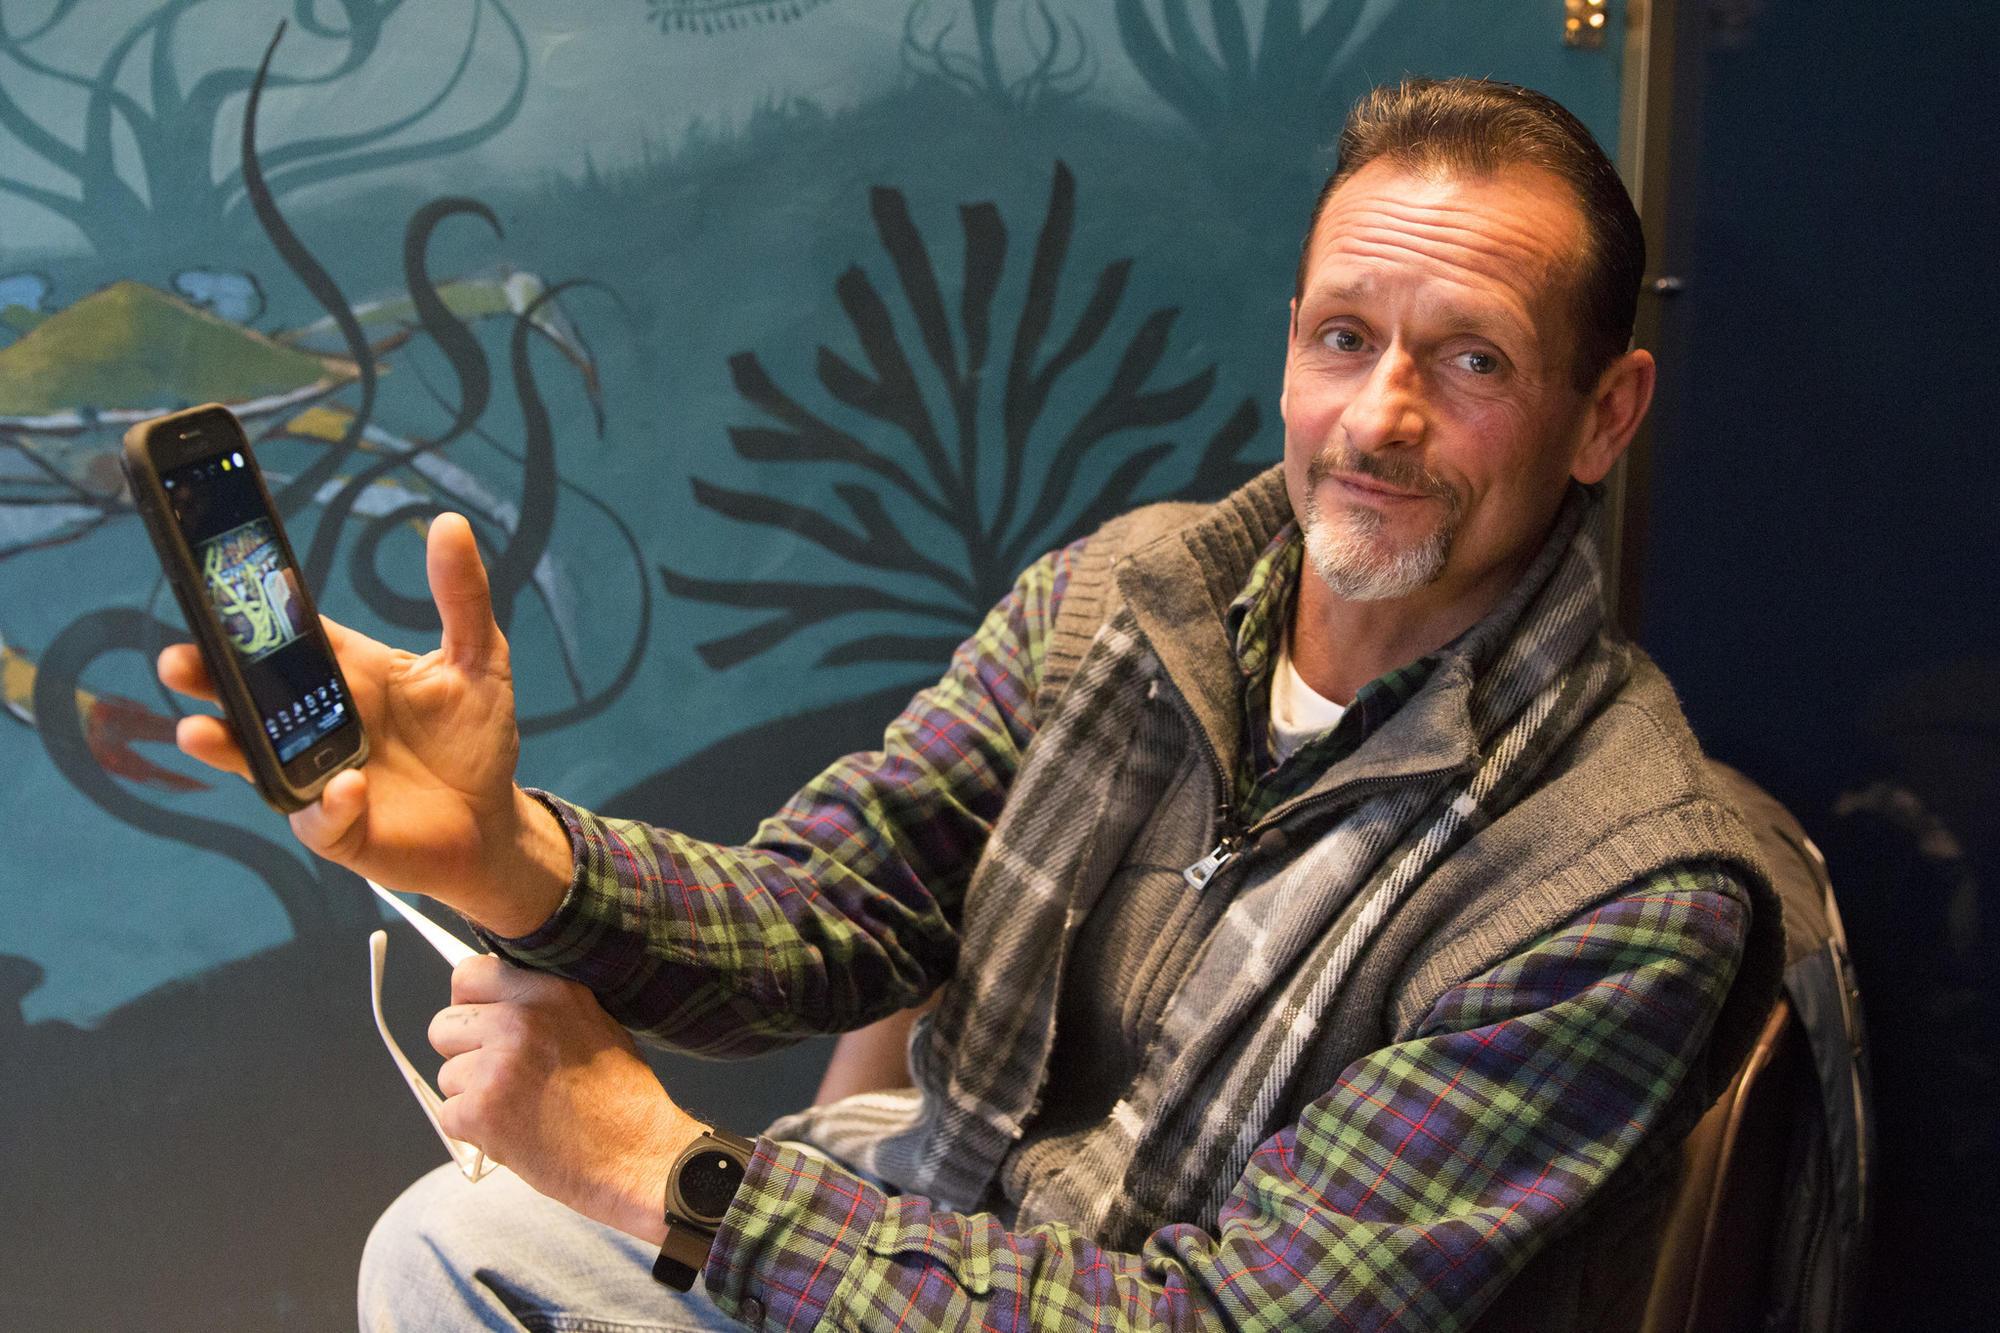 Homeless graphic artist makes art show premier